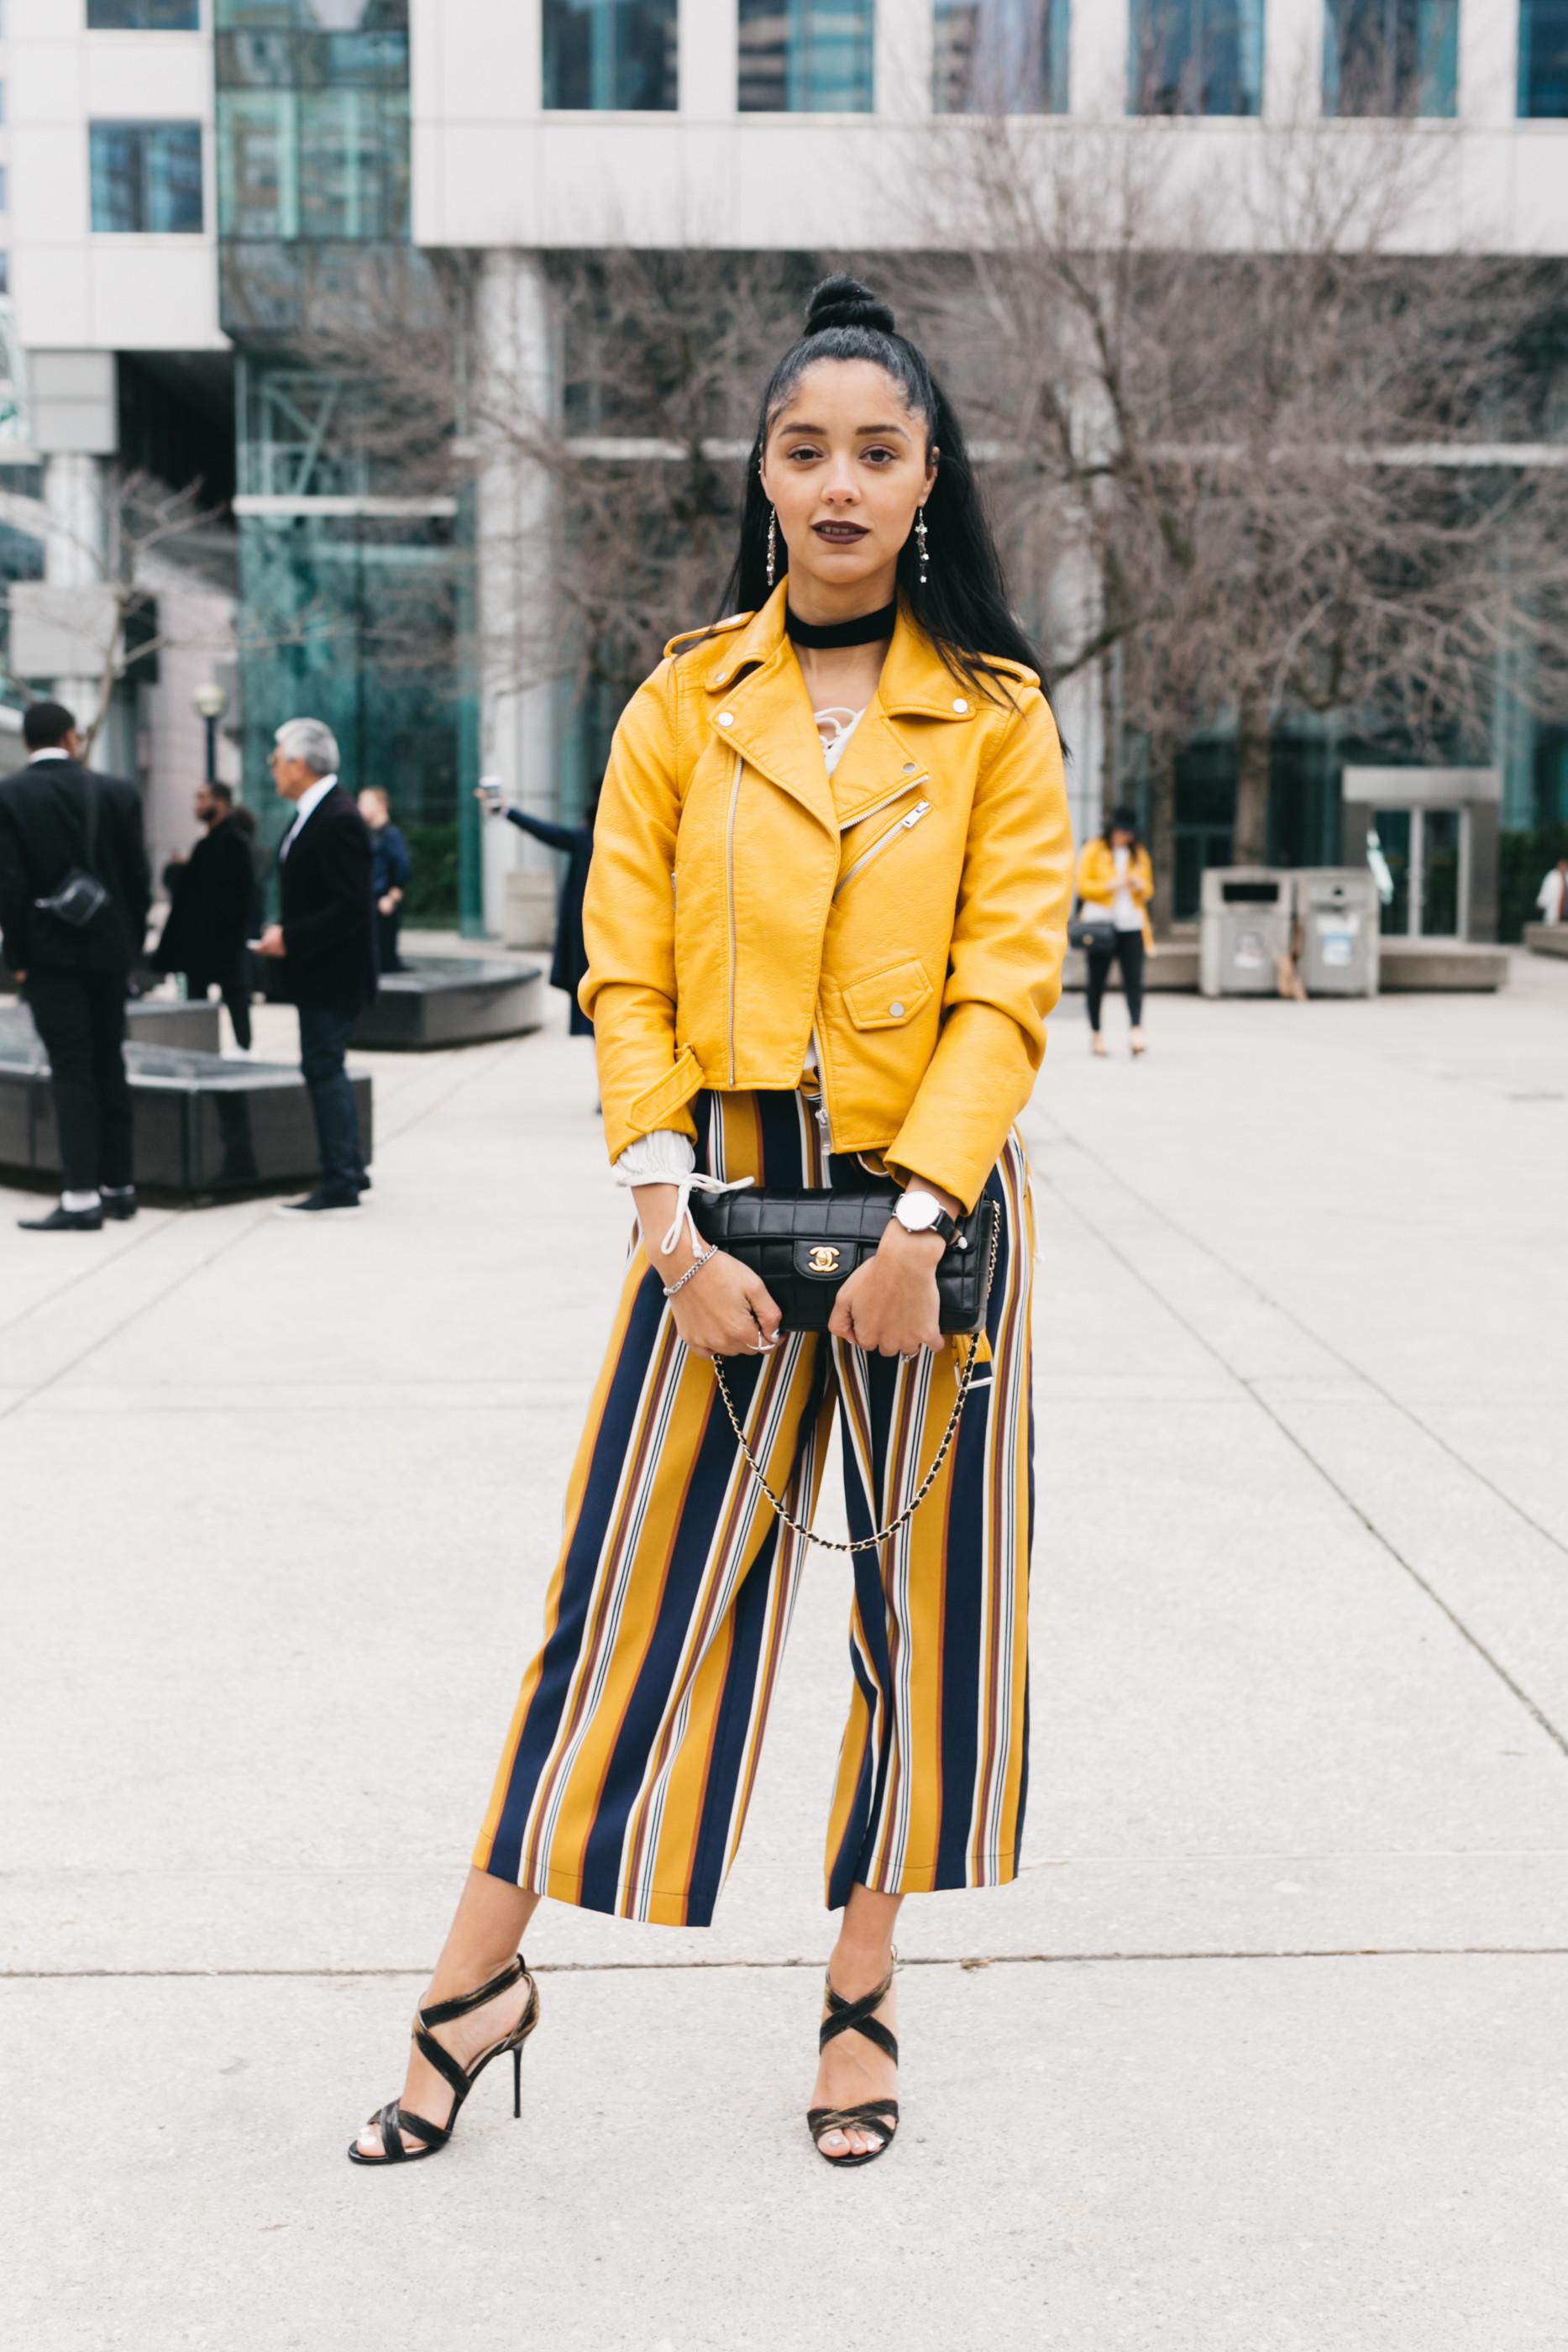 Toronto Life Kayla Rocca